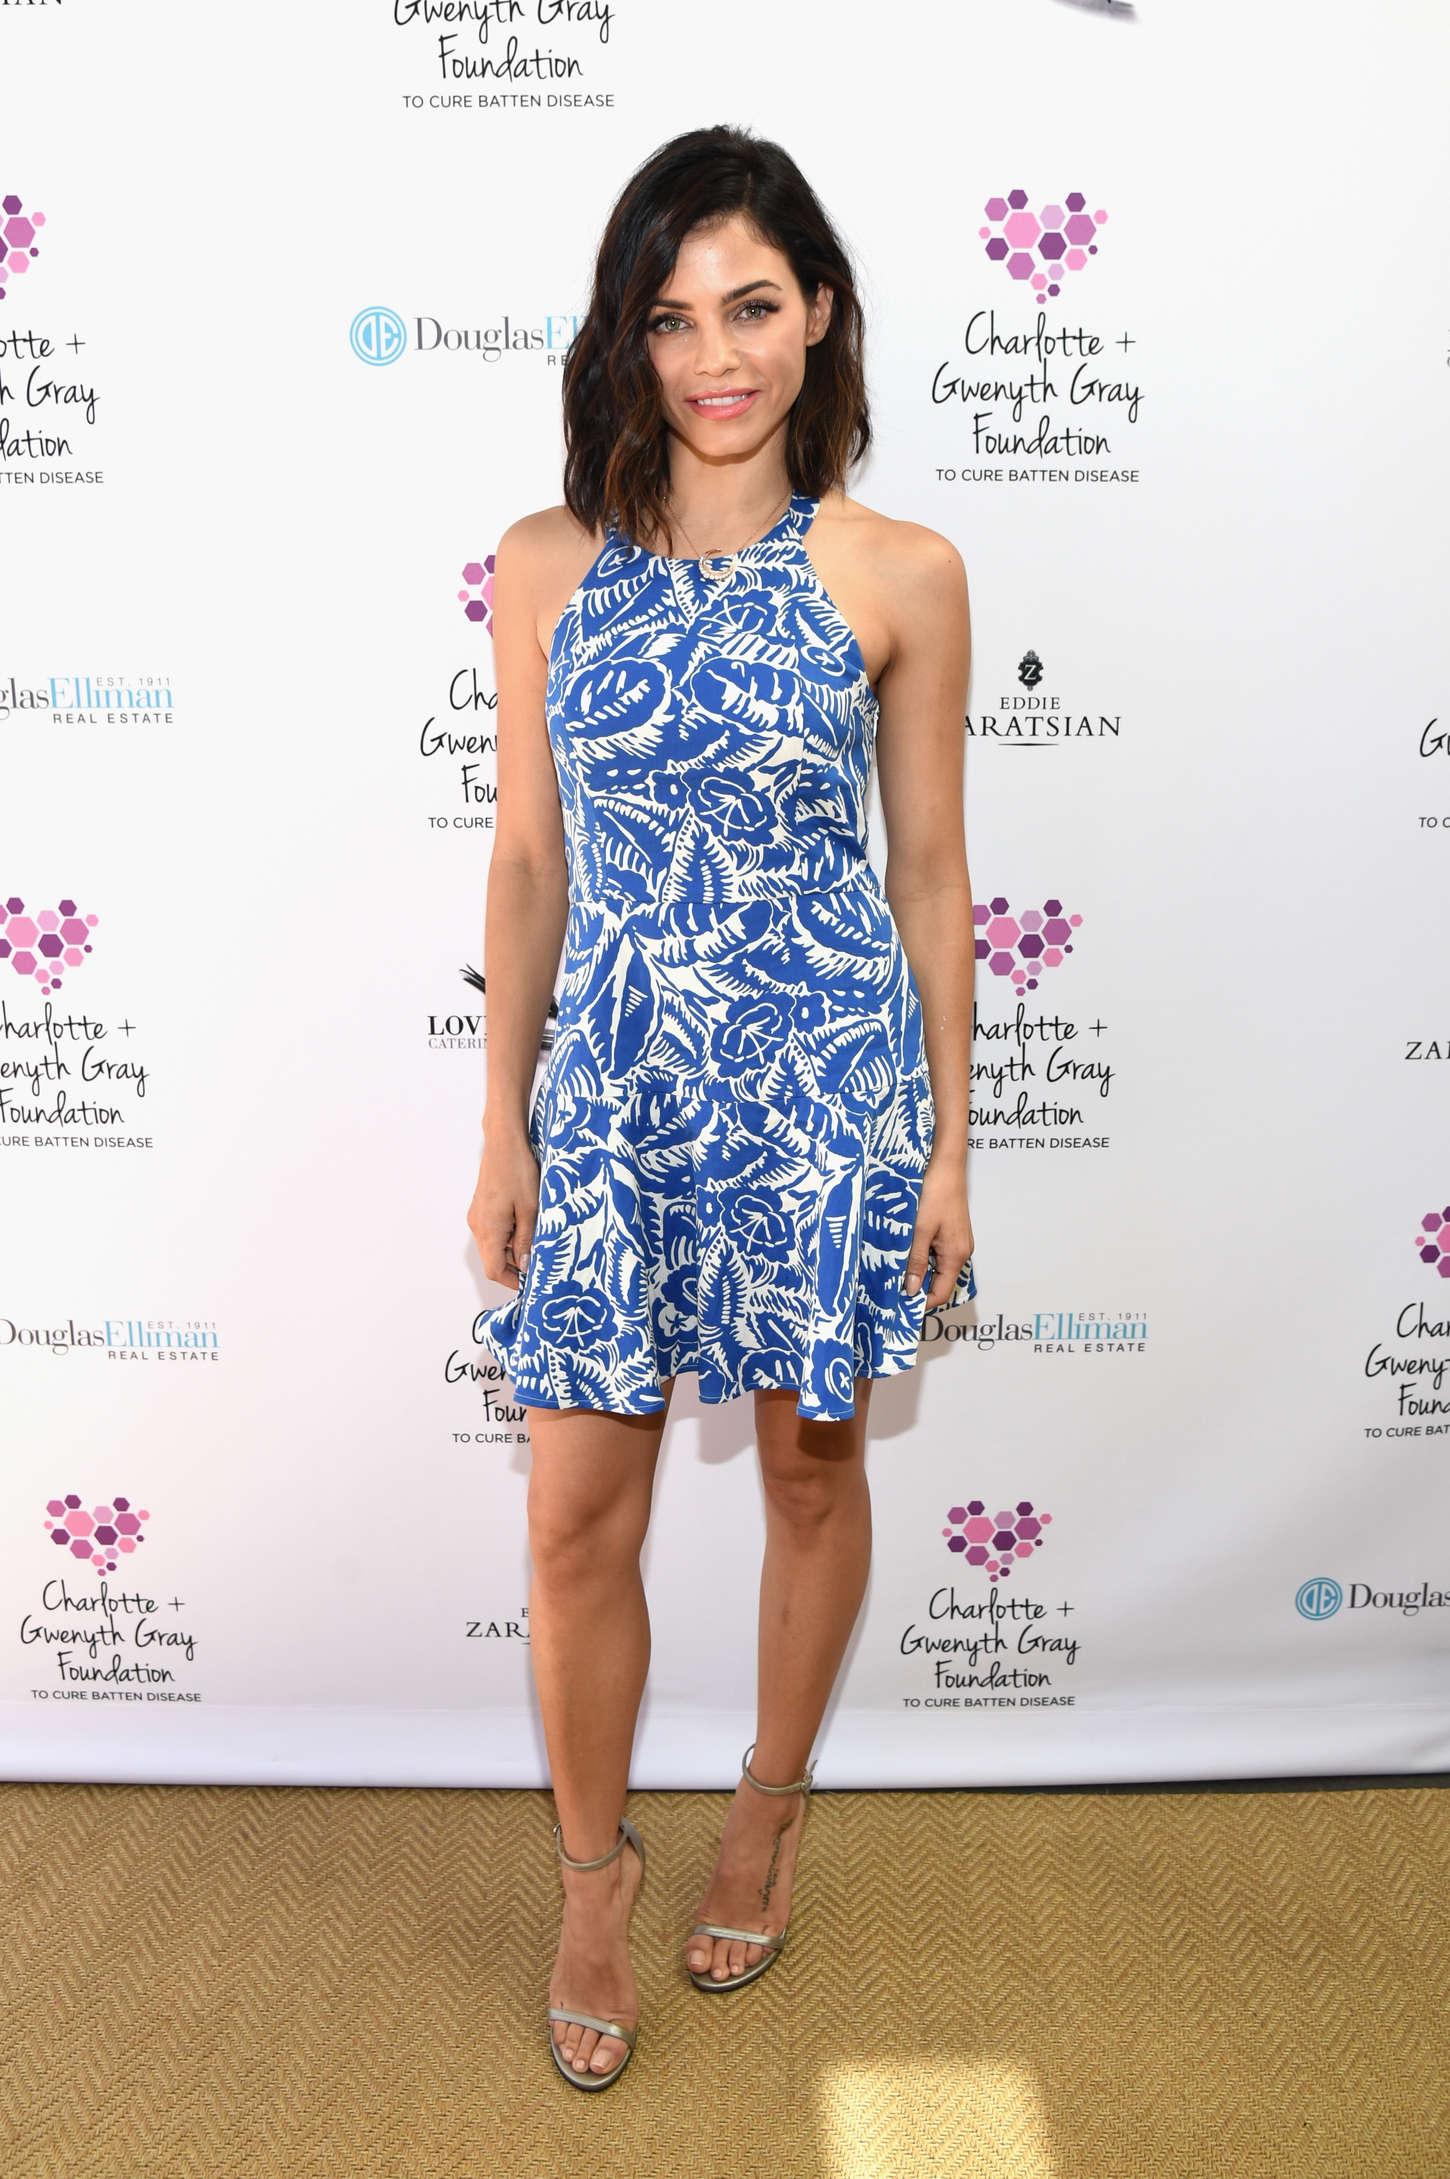 Jenna Dewan Tatum Charlotte Gwenyth Gray Foundation Tea Party in Brentwood